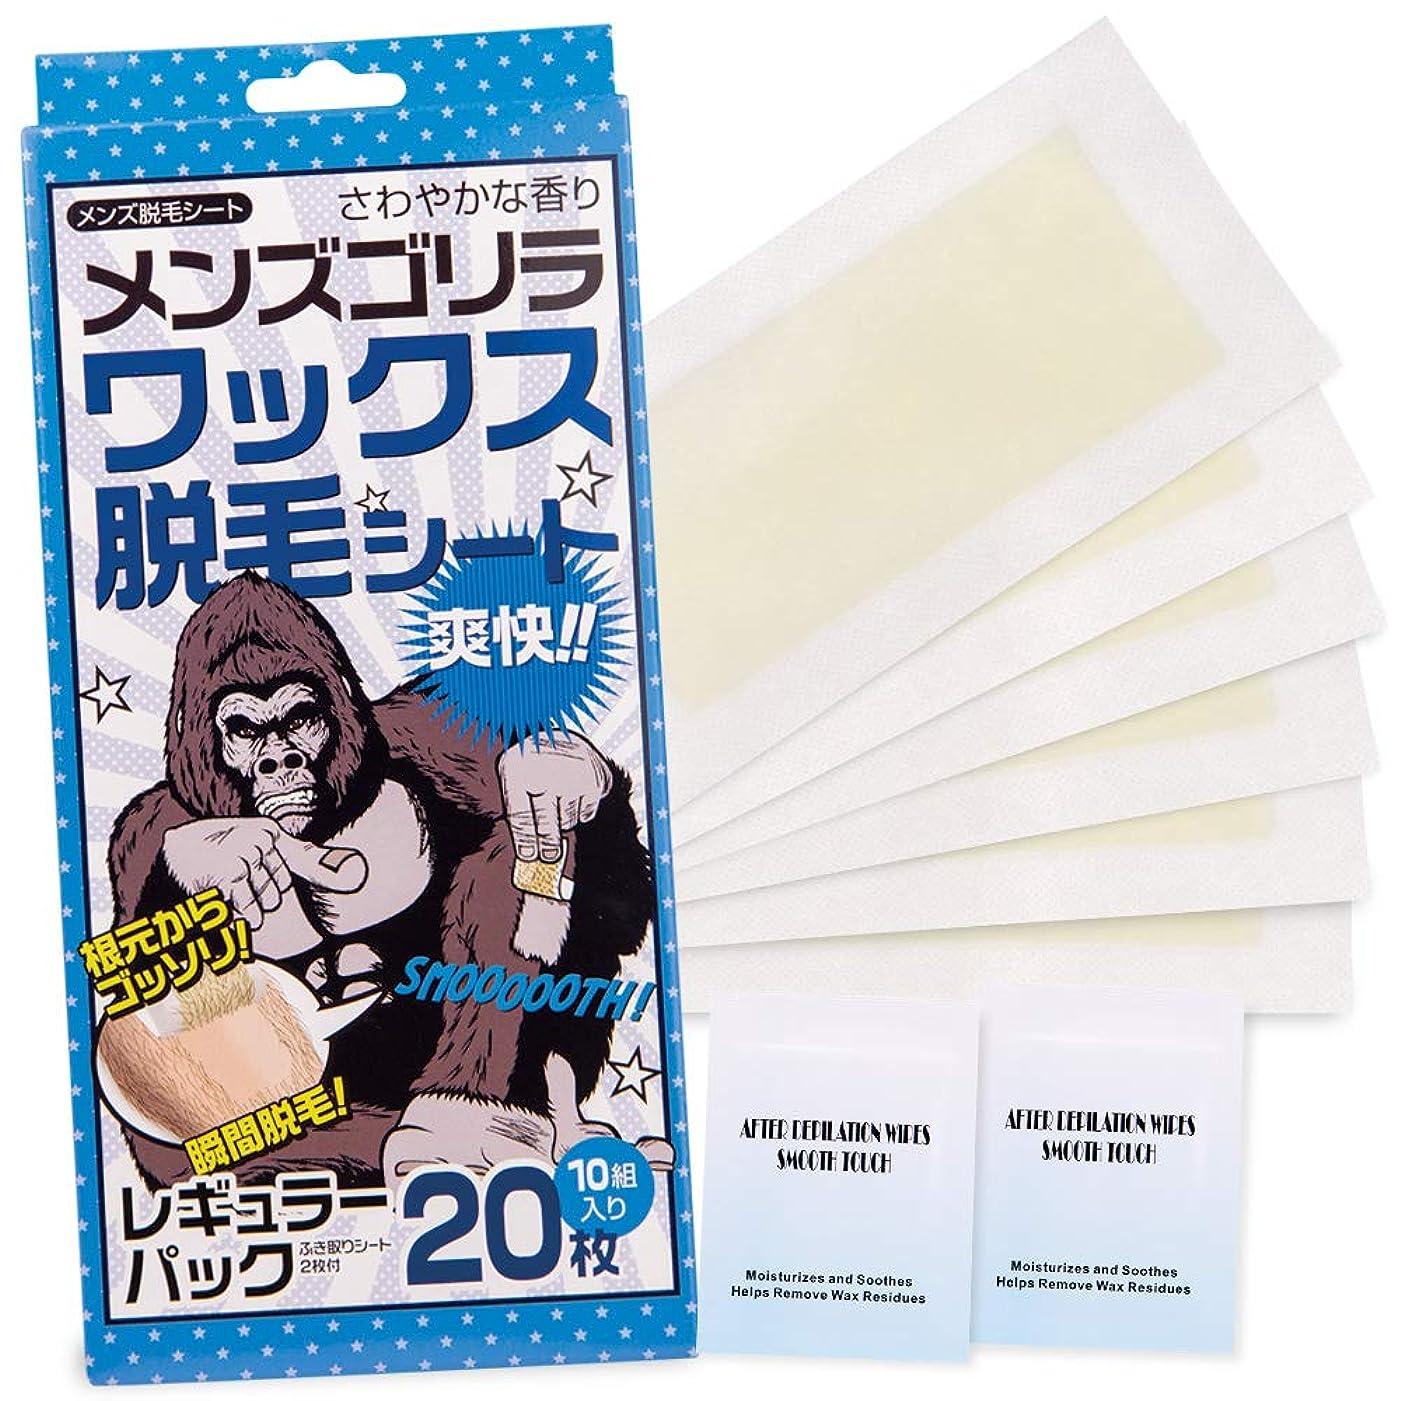 第五オン落花生メンズ脱毛シート「ゴリラ」 レギュラーパック10組20枚入り